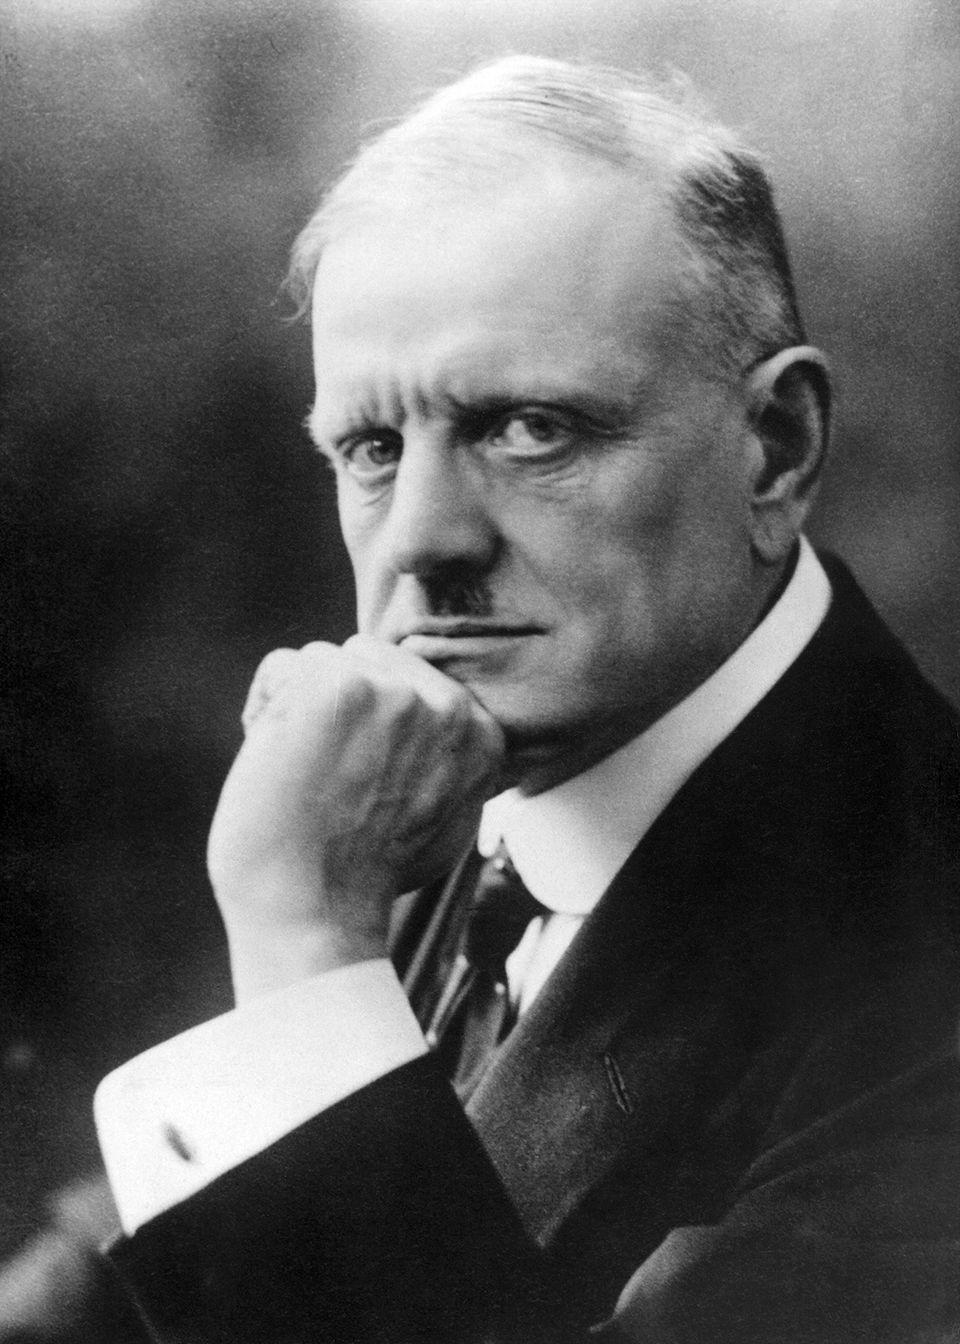 Materiały nutowe do wczesnej wersji Koncertu skrzypcowego op. 47 Jeana Sibeliusa